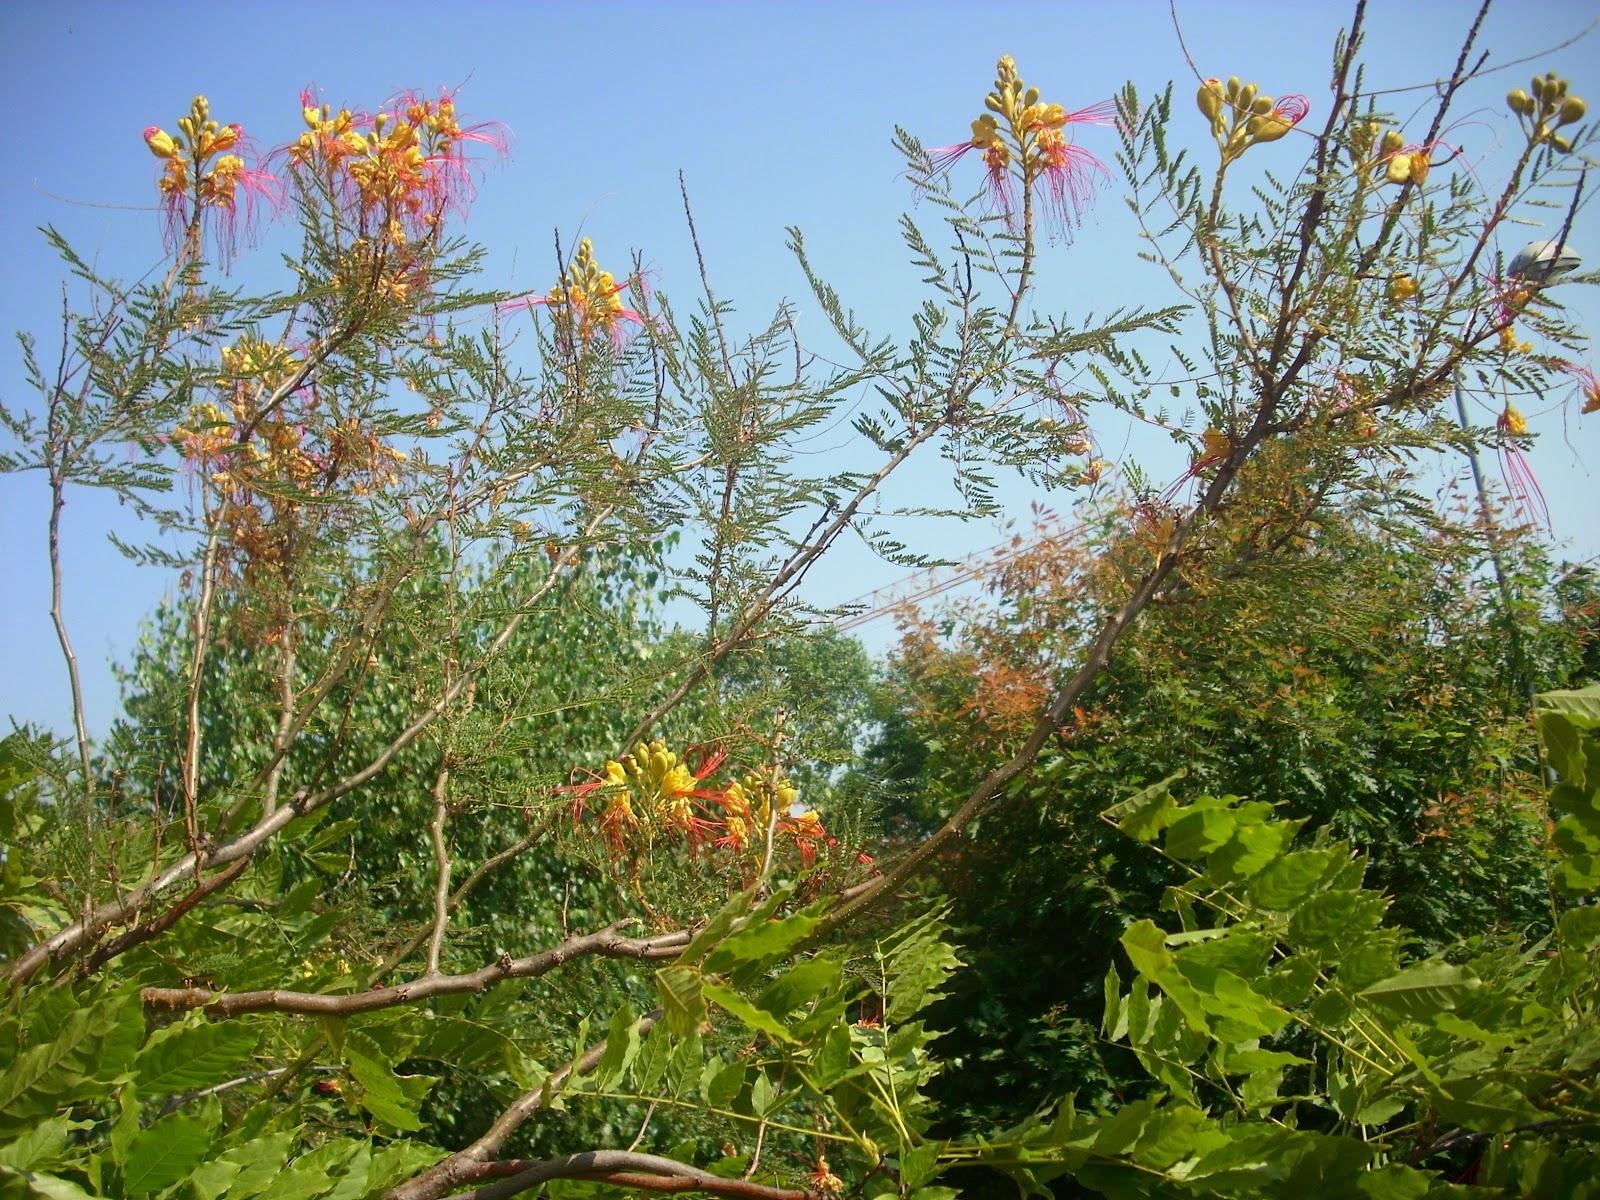 Arbusto A Fiori Gialli arbustum monsleonis: un bellissimo e singolare arbusto